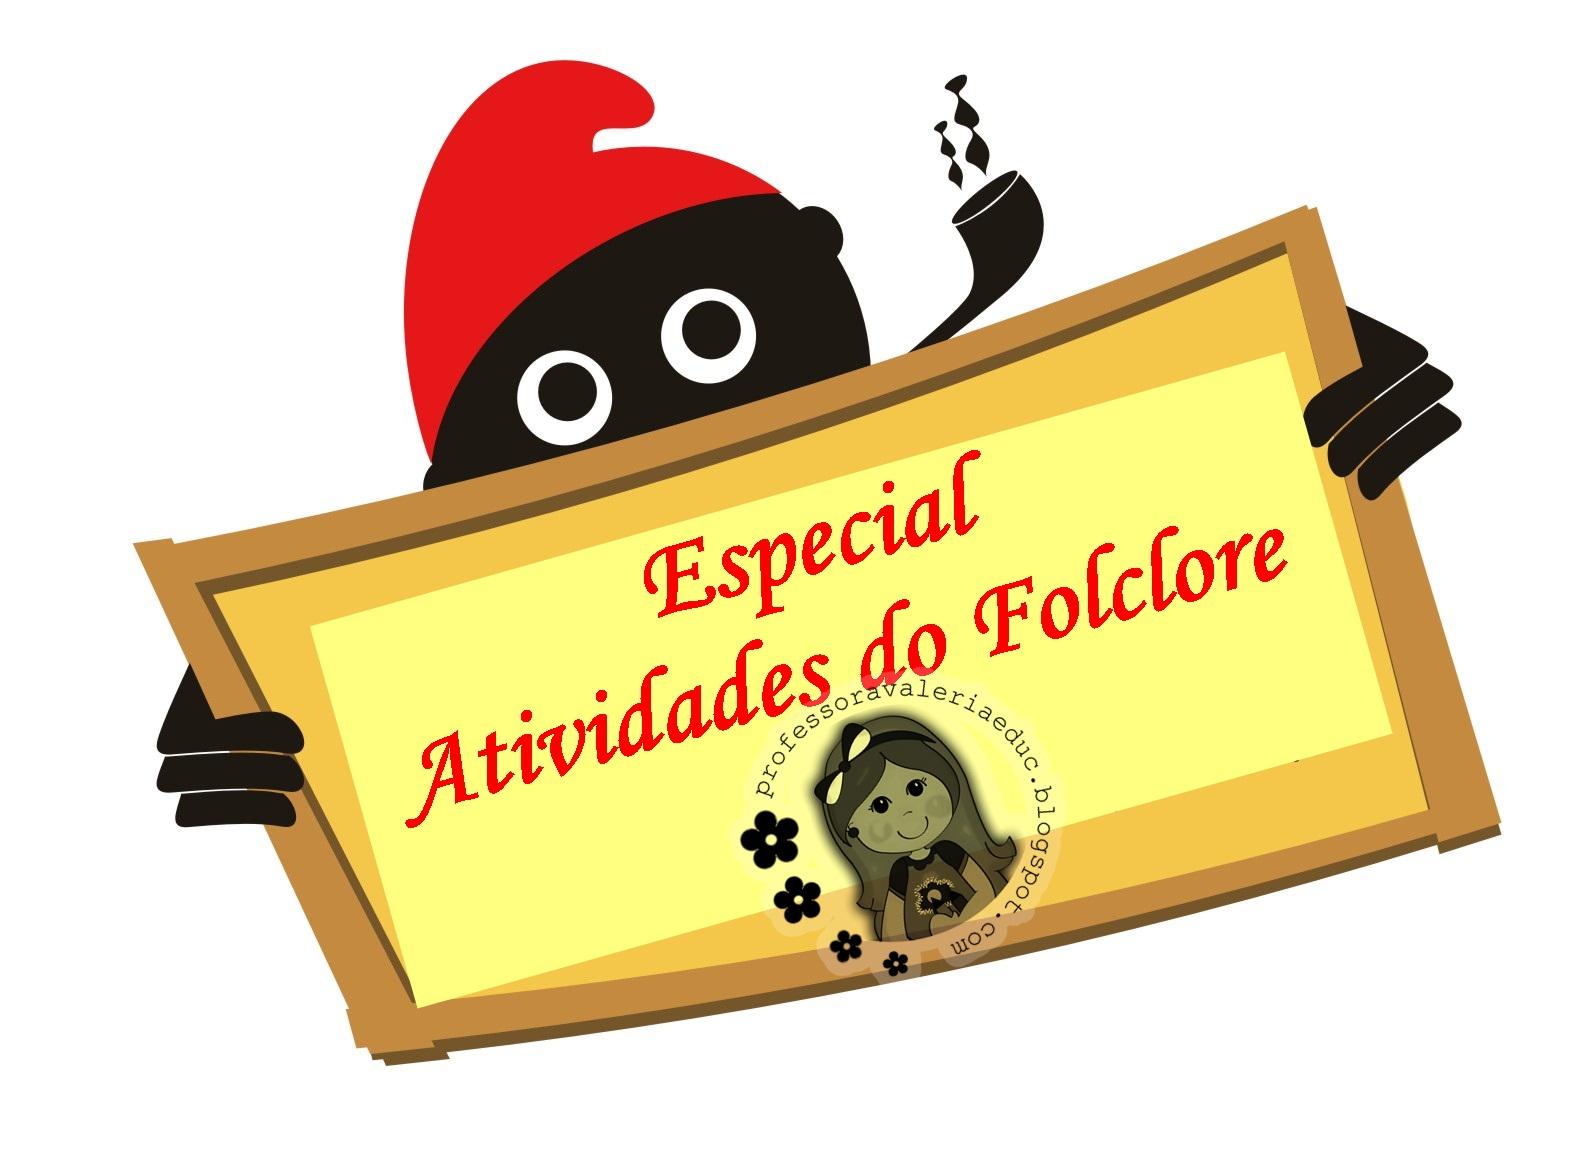 Suficiente Sugestões de Atividades para o Folclore - Ensinando com Carinho  JZ19